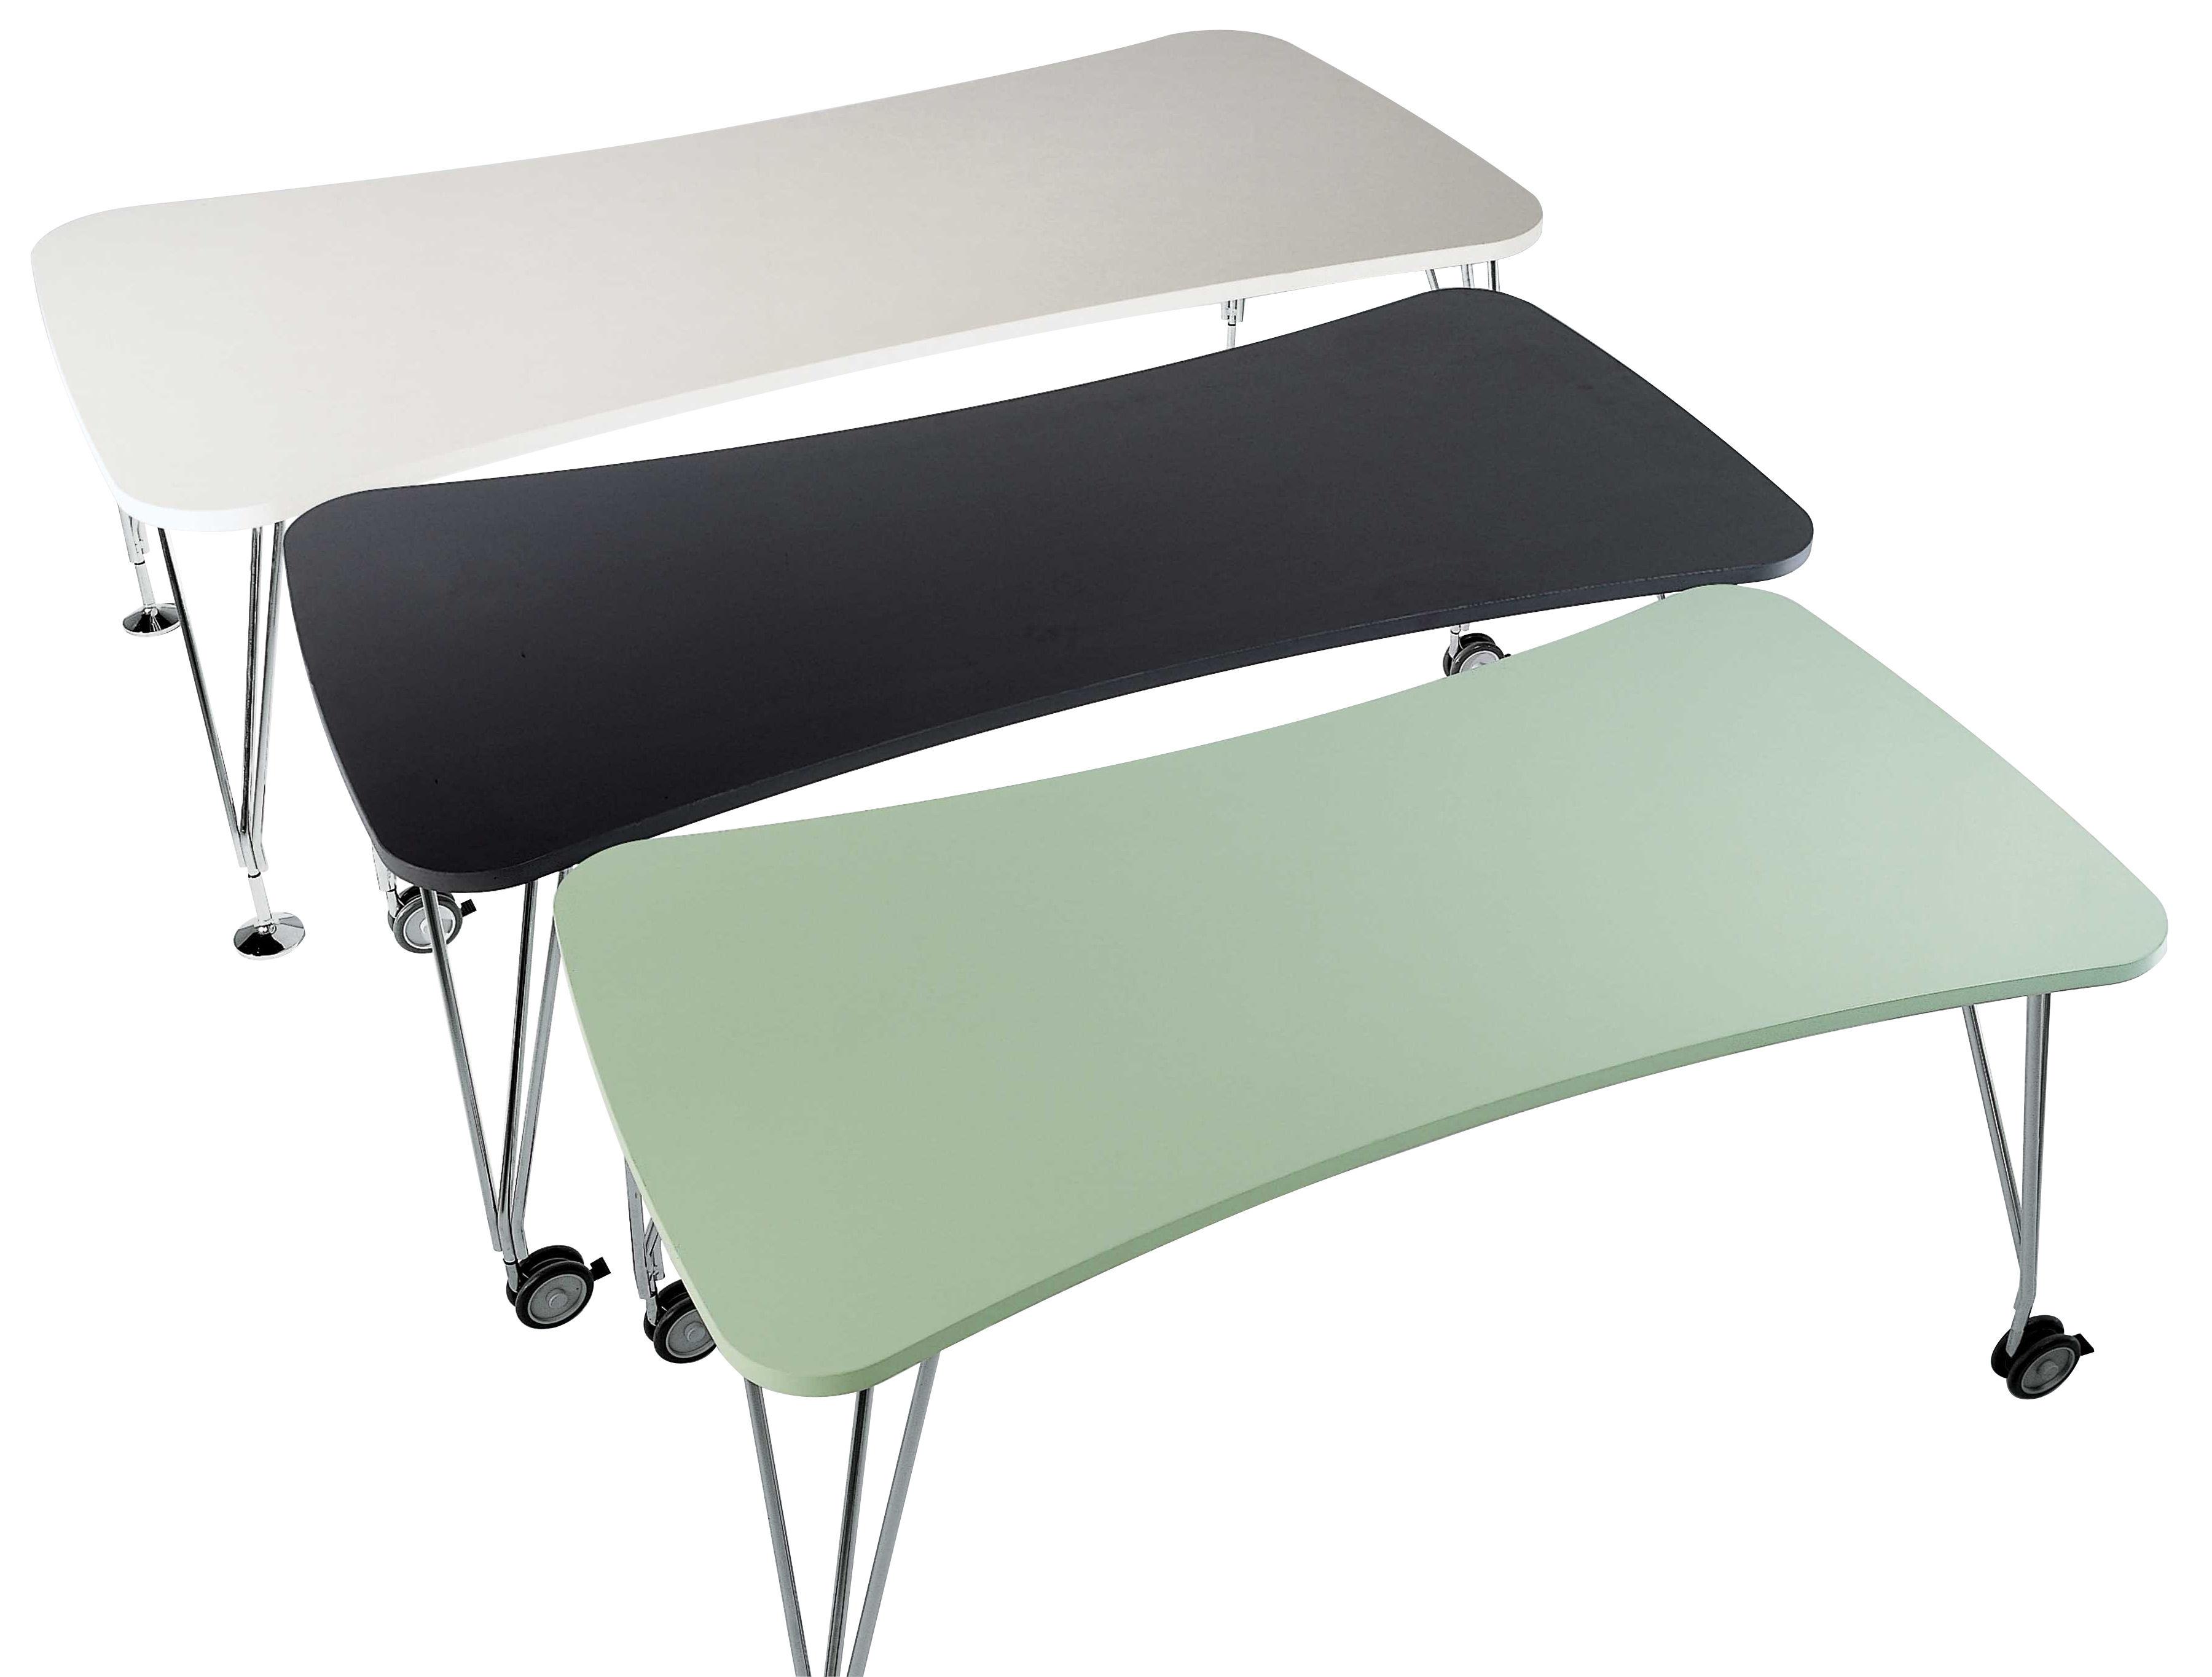 Arredamento - Mobili Ados  - Tavolo rettangolare Max - Rotelle - 160 cm di Kartell - Bianco 160 cm - Acciaio cromato, Laminato